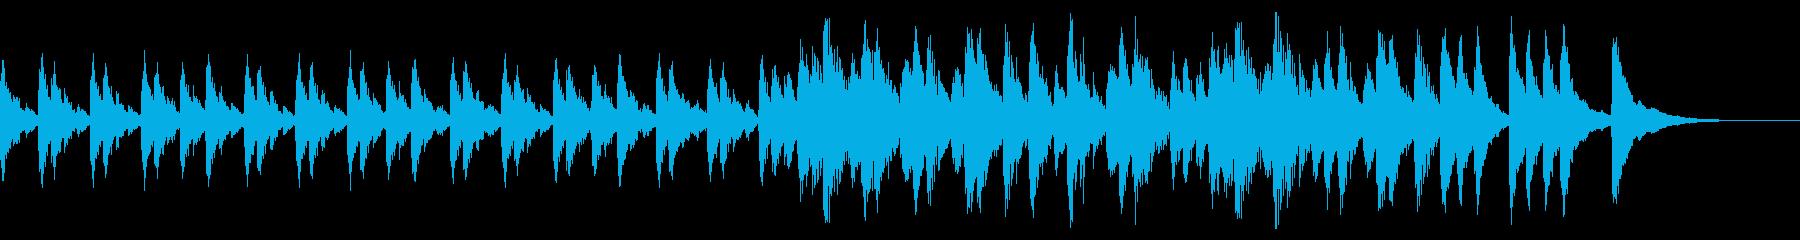 サンバdeマリンバの再生済みの波形